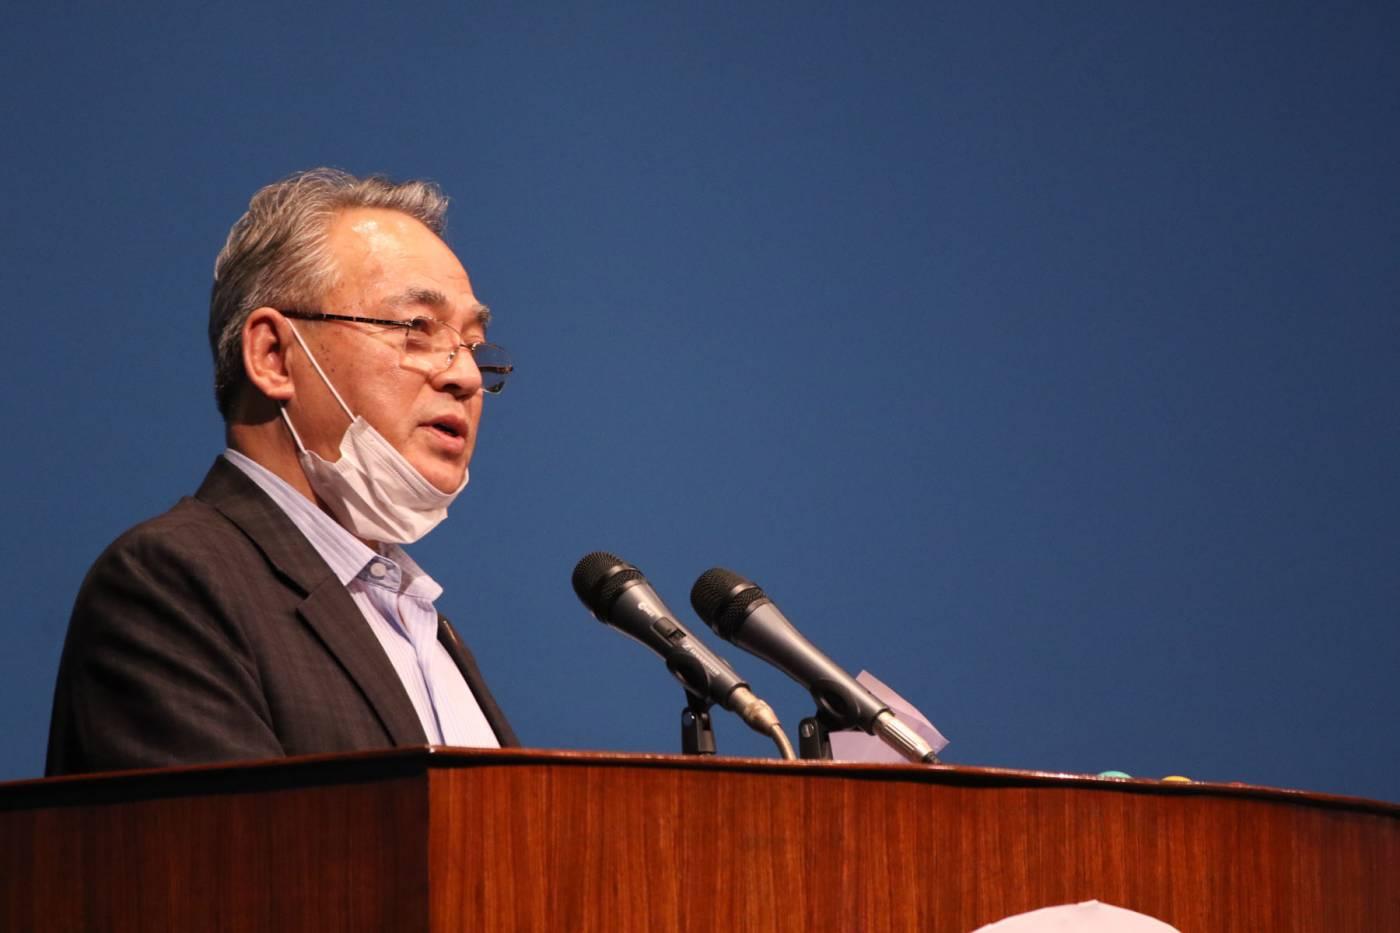 रुकुम पश्चिम घटनामा संसदीय छानबिन समिति गठन गर्न माग, गृह मन्त्रालयका  सहसचिवको संयोजकत्वमा पाँच सदस्यीय छानबिन समिति गठन